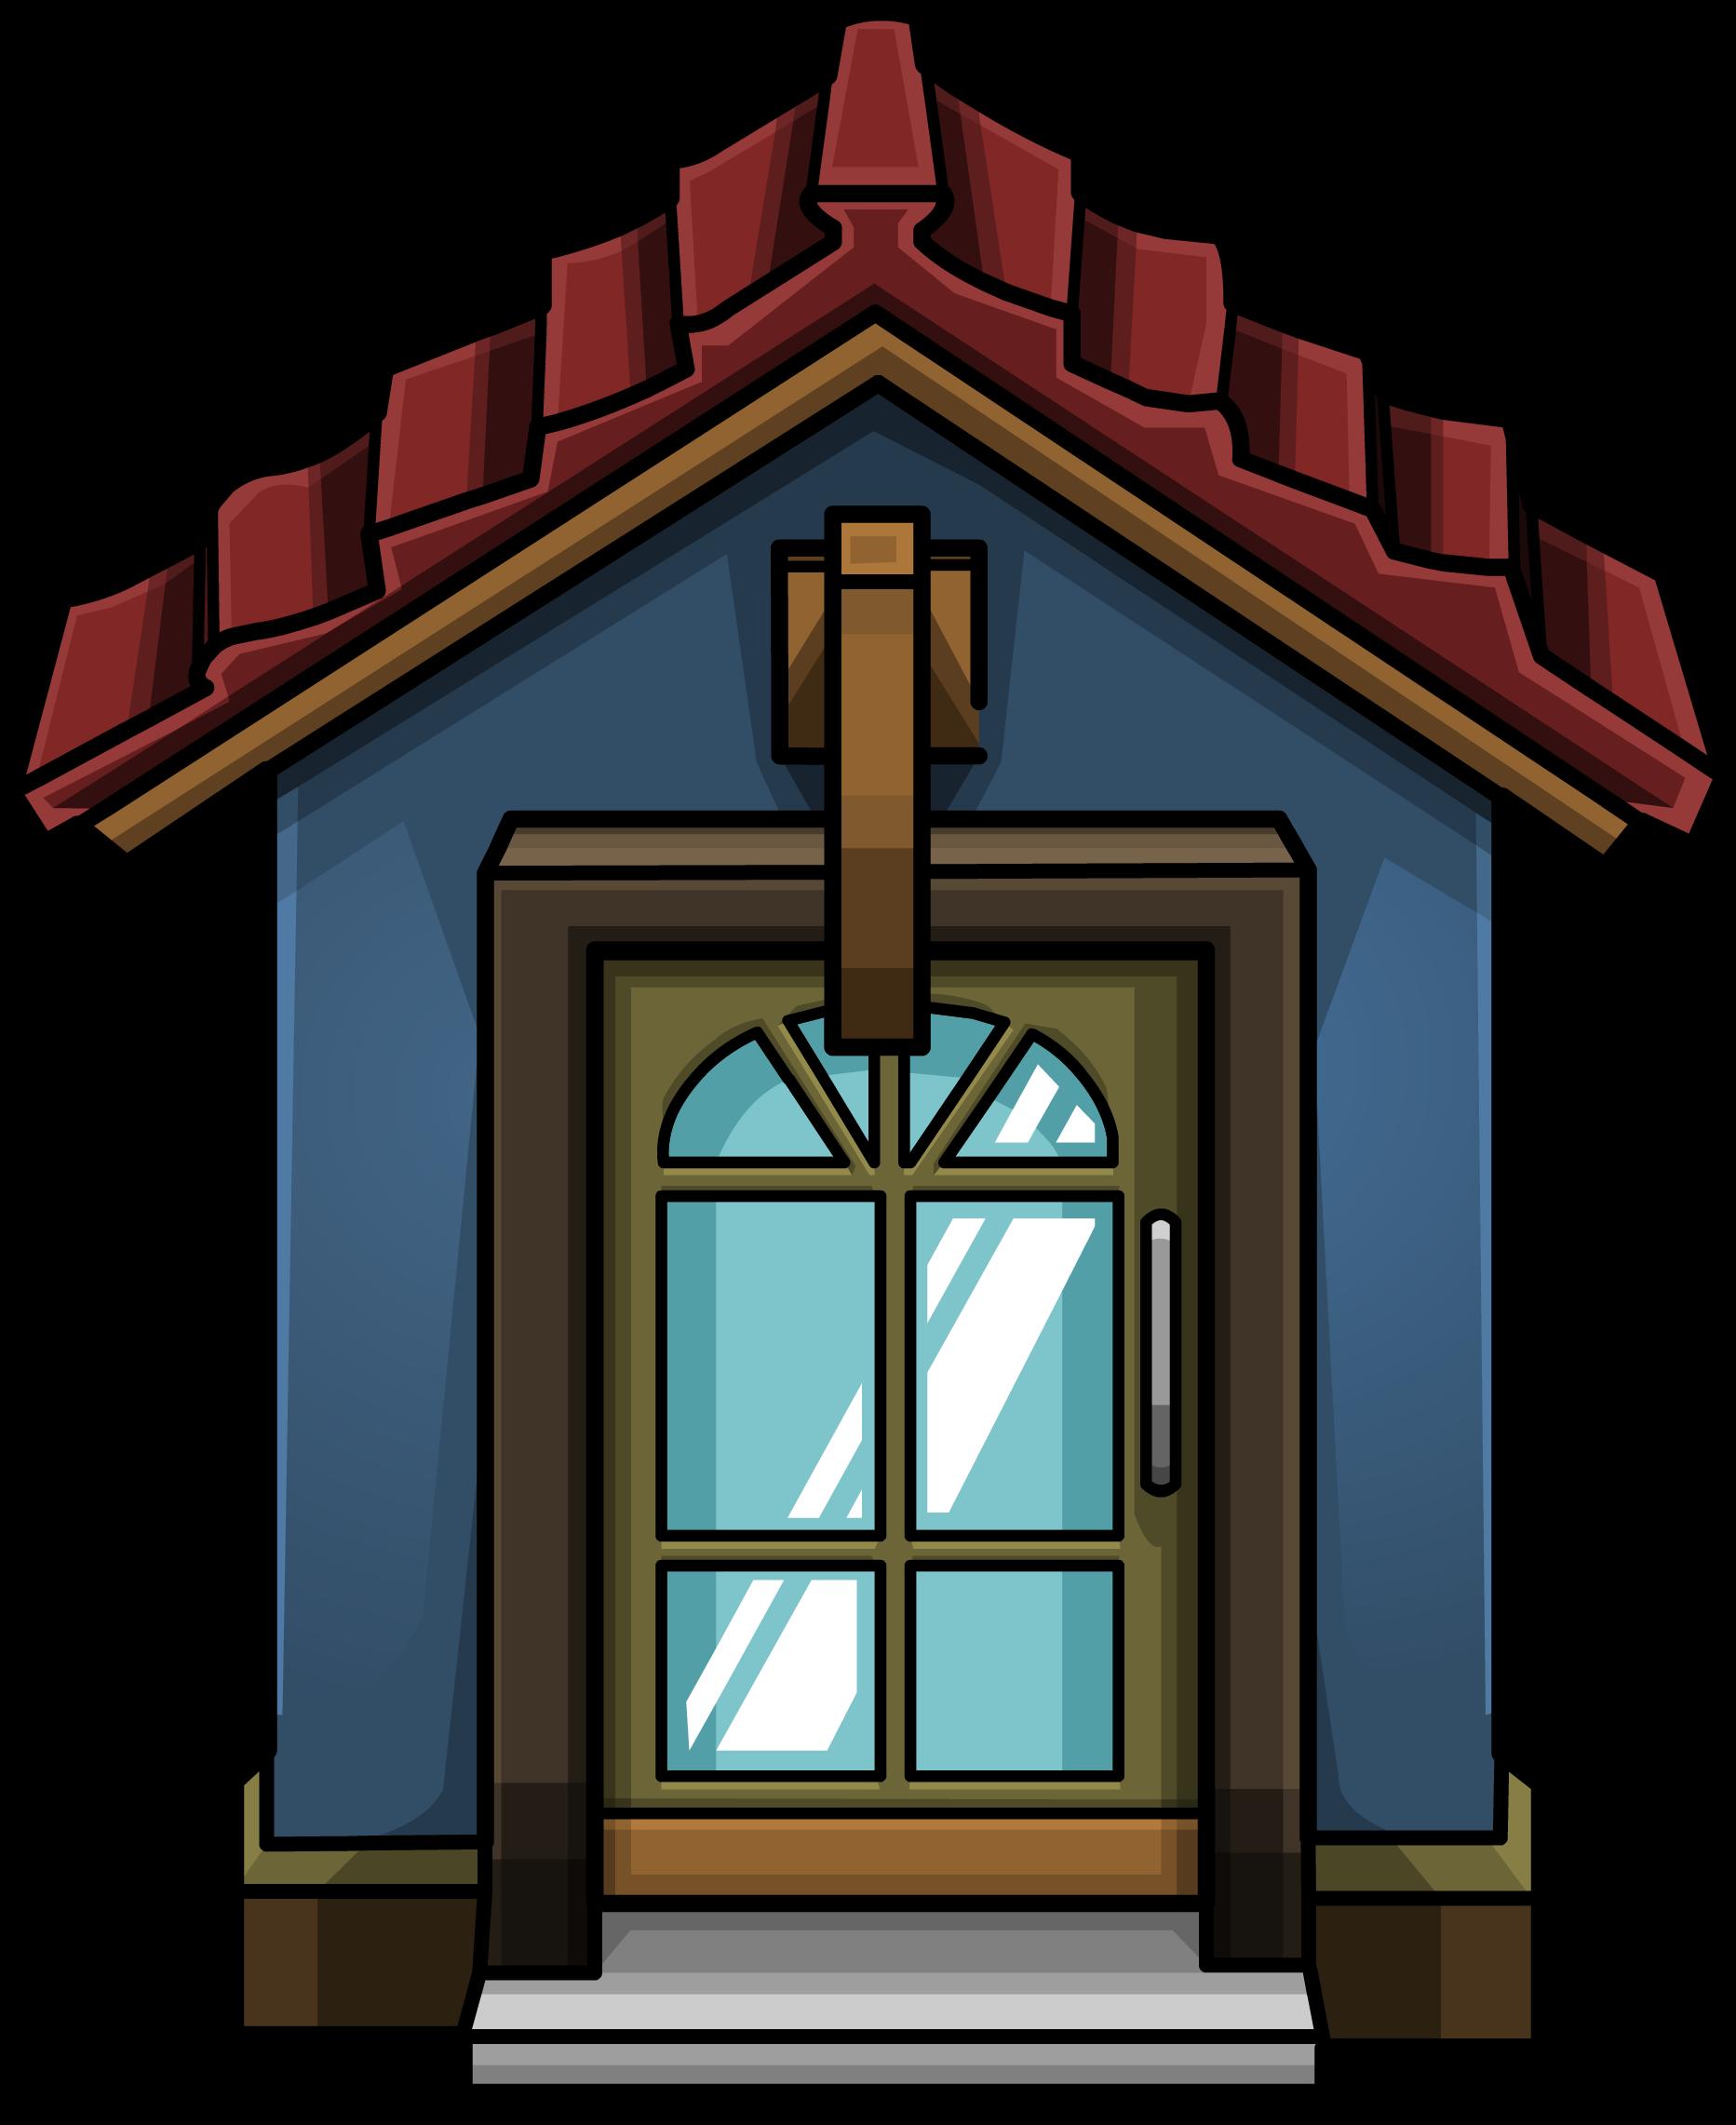 Cozy Blue Door sprite 003.png  sc 1 st  Club Penguin Wiki - Fandom & Image - Cozy Blue Door sprite 003.png | Club Penguin Wiki | FANDOM ...